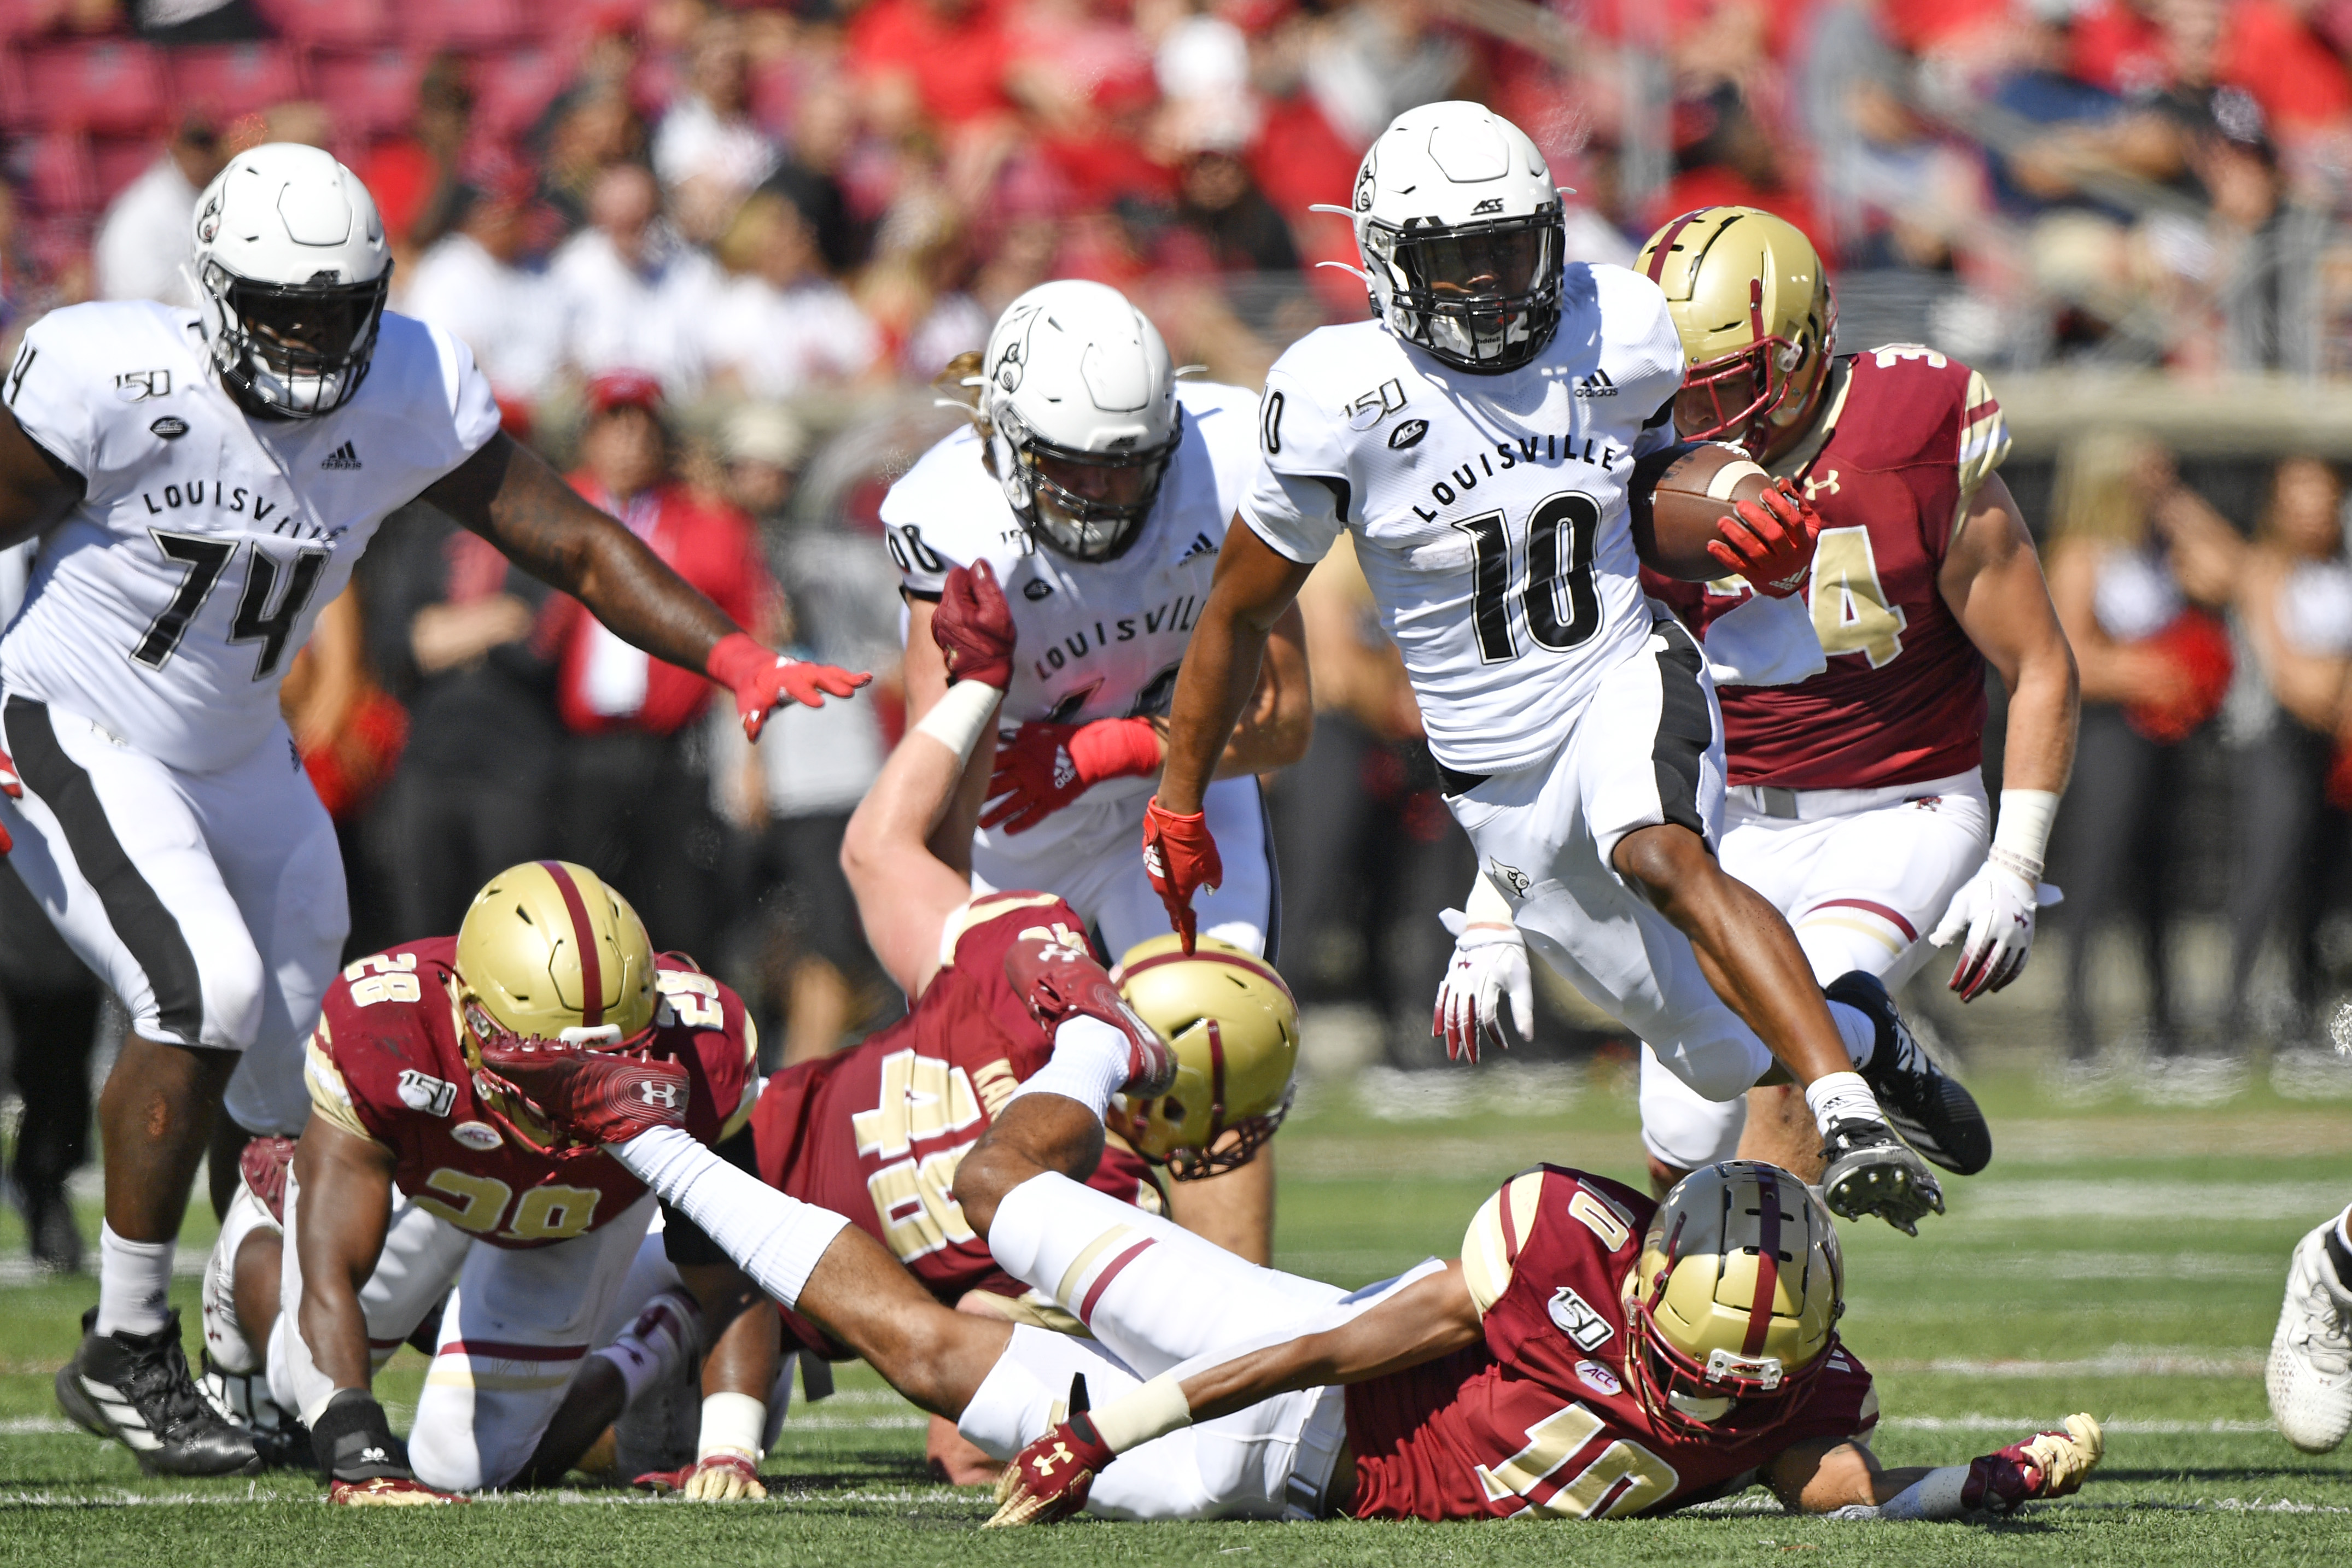 NCAA Football: Boston College at Louisville